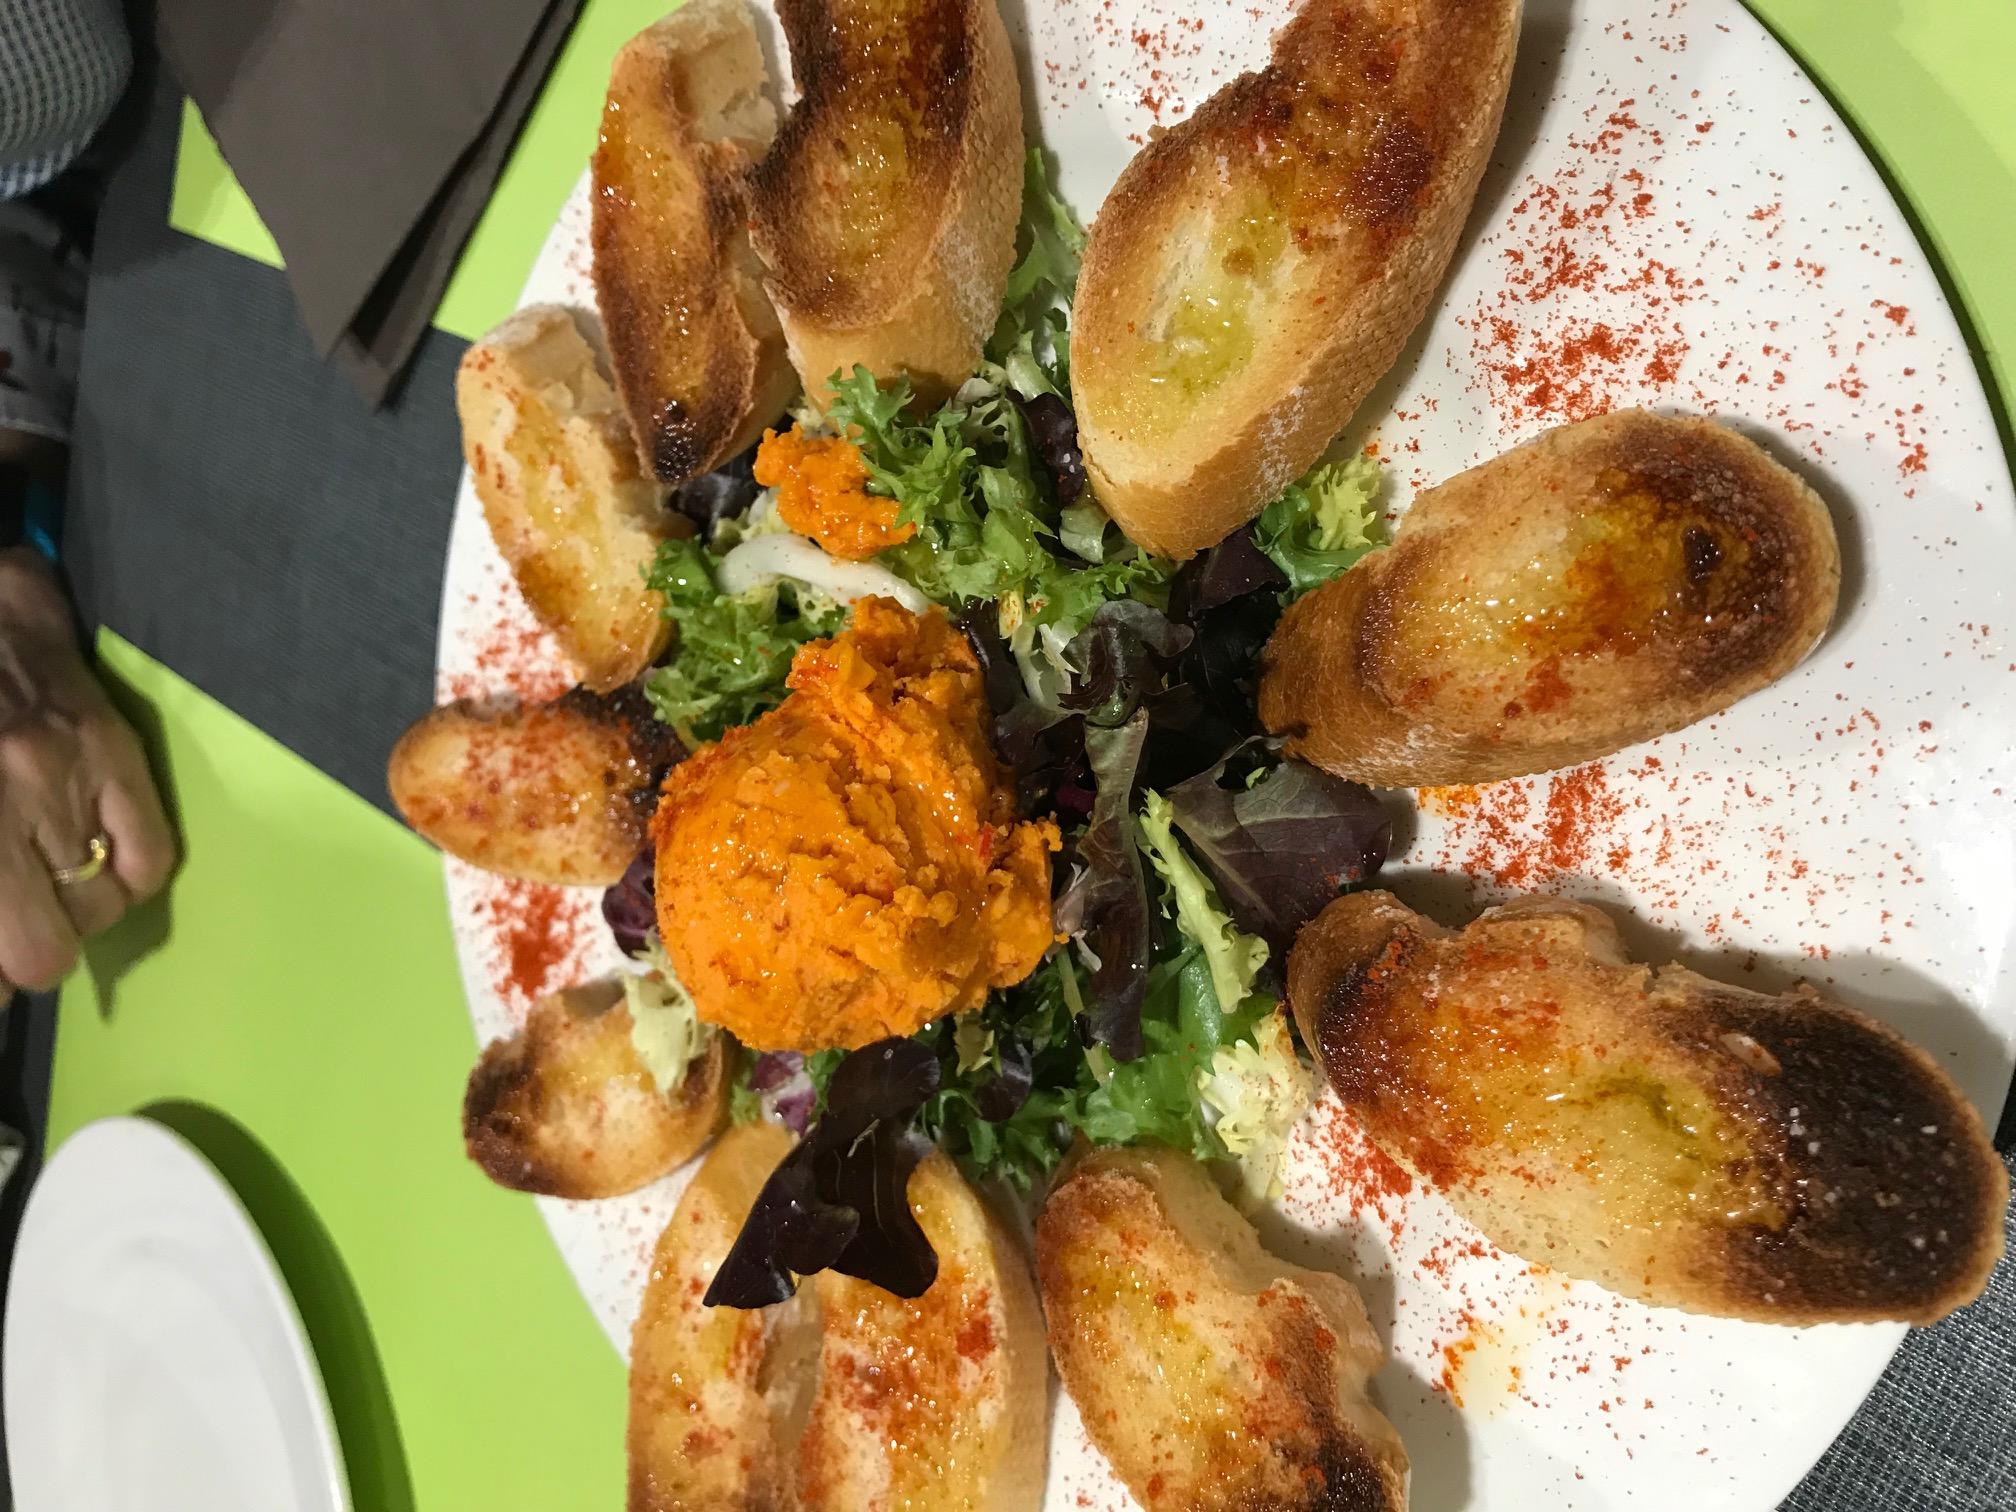 Restaurante La Mossegada Almogrote, sabroso de verdad.